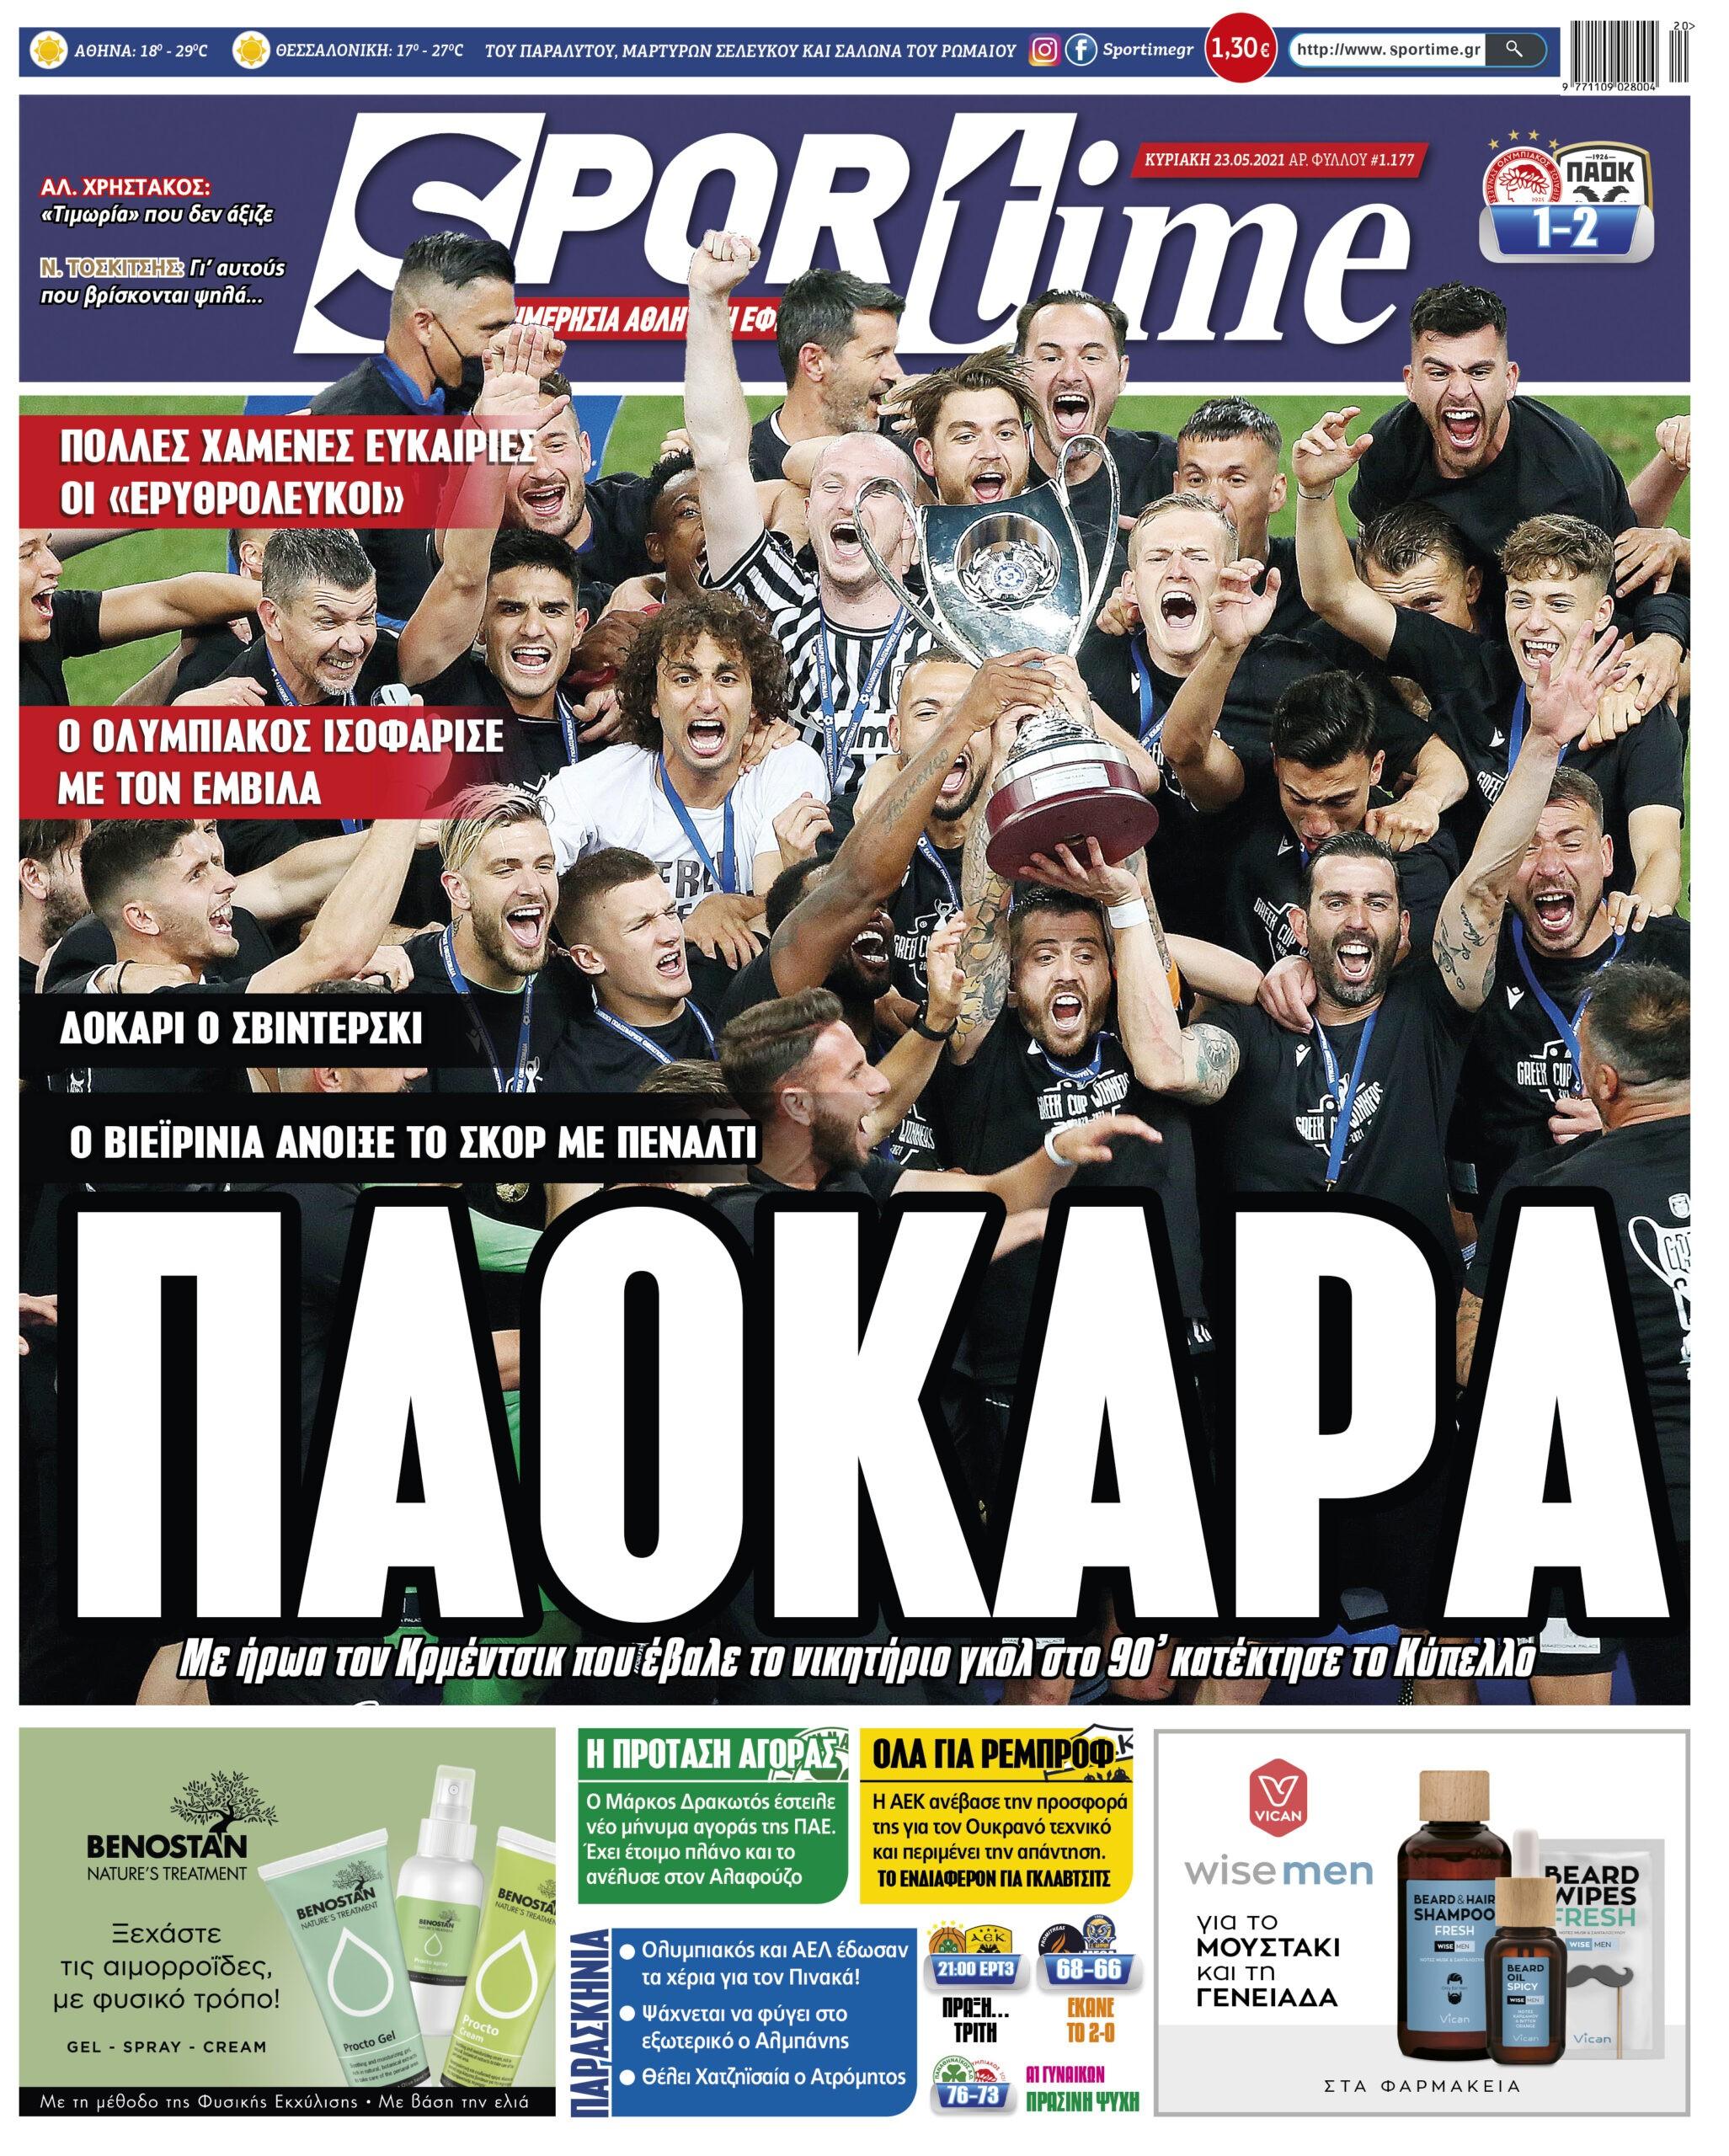 Εφημερίδα SPORTIME - Εξώφυλλο φύλλου 23/5/2021